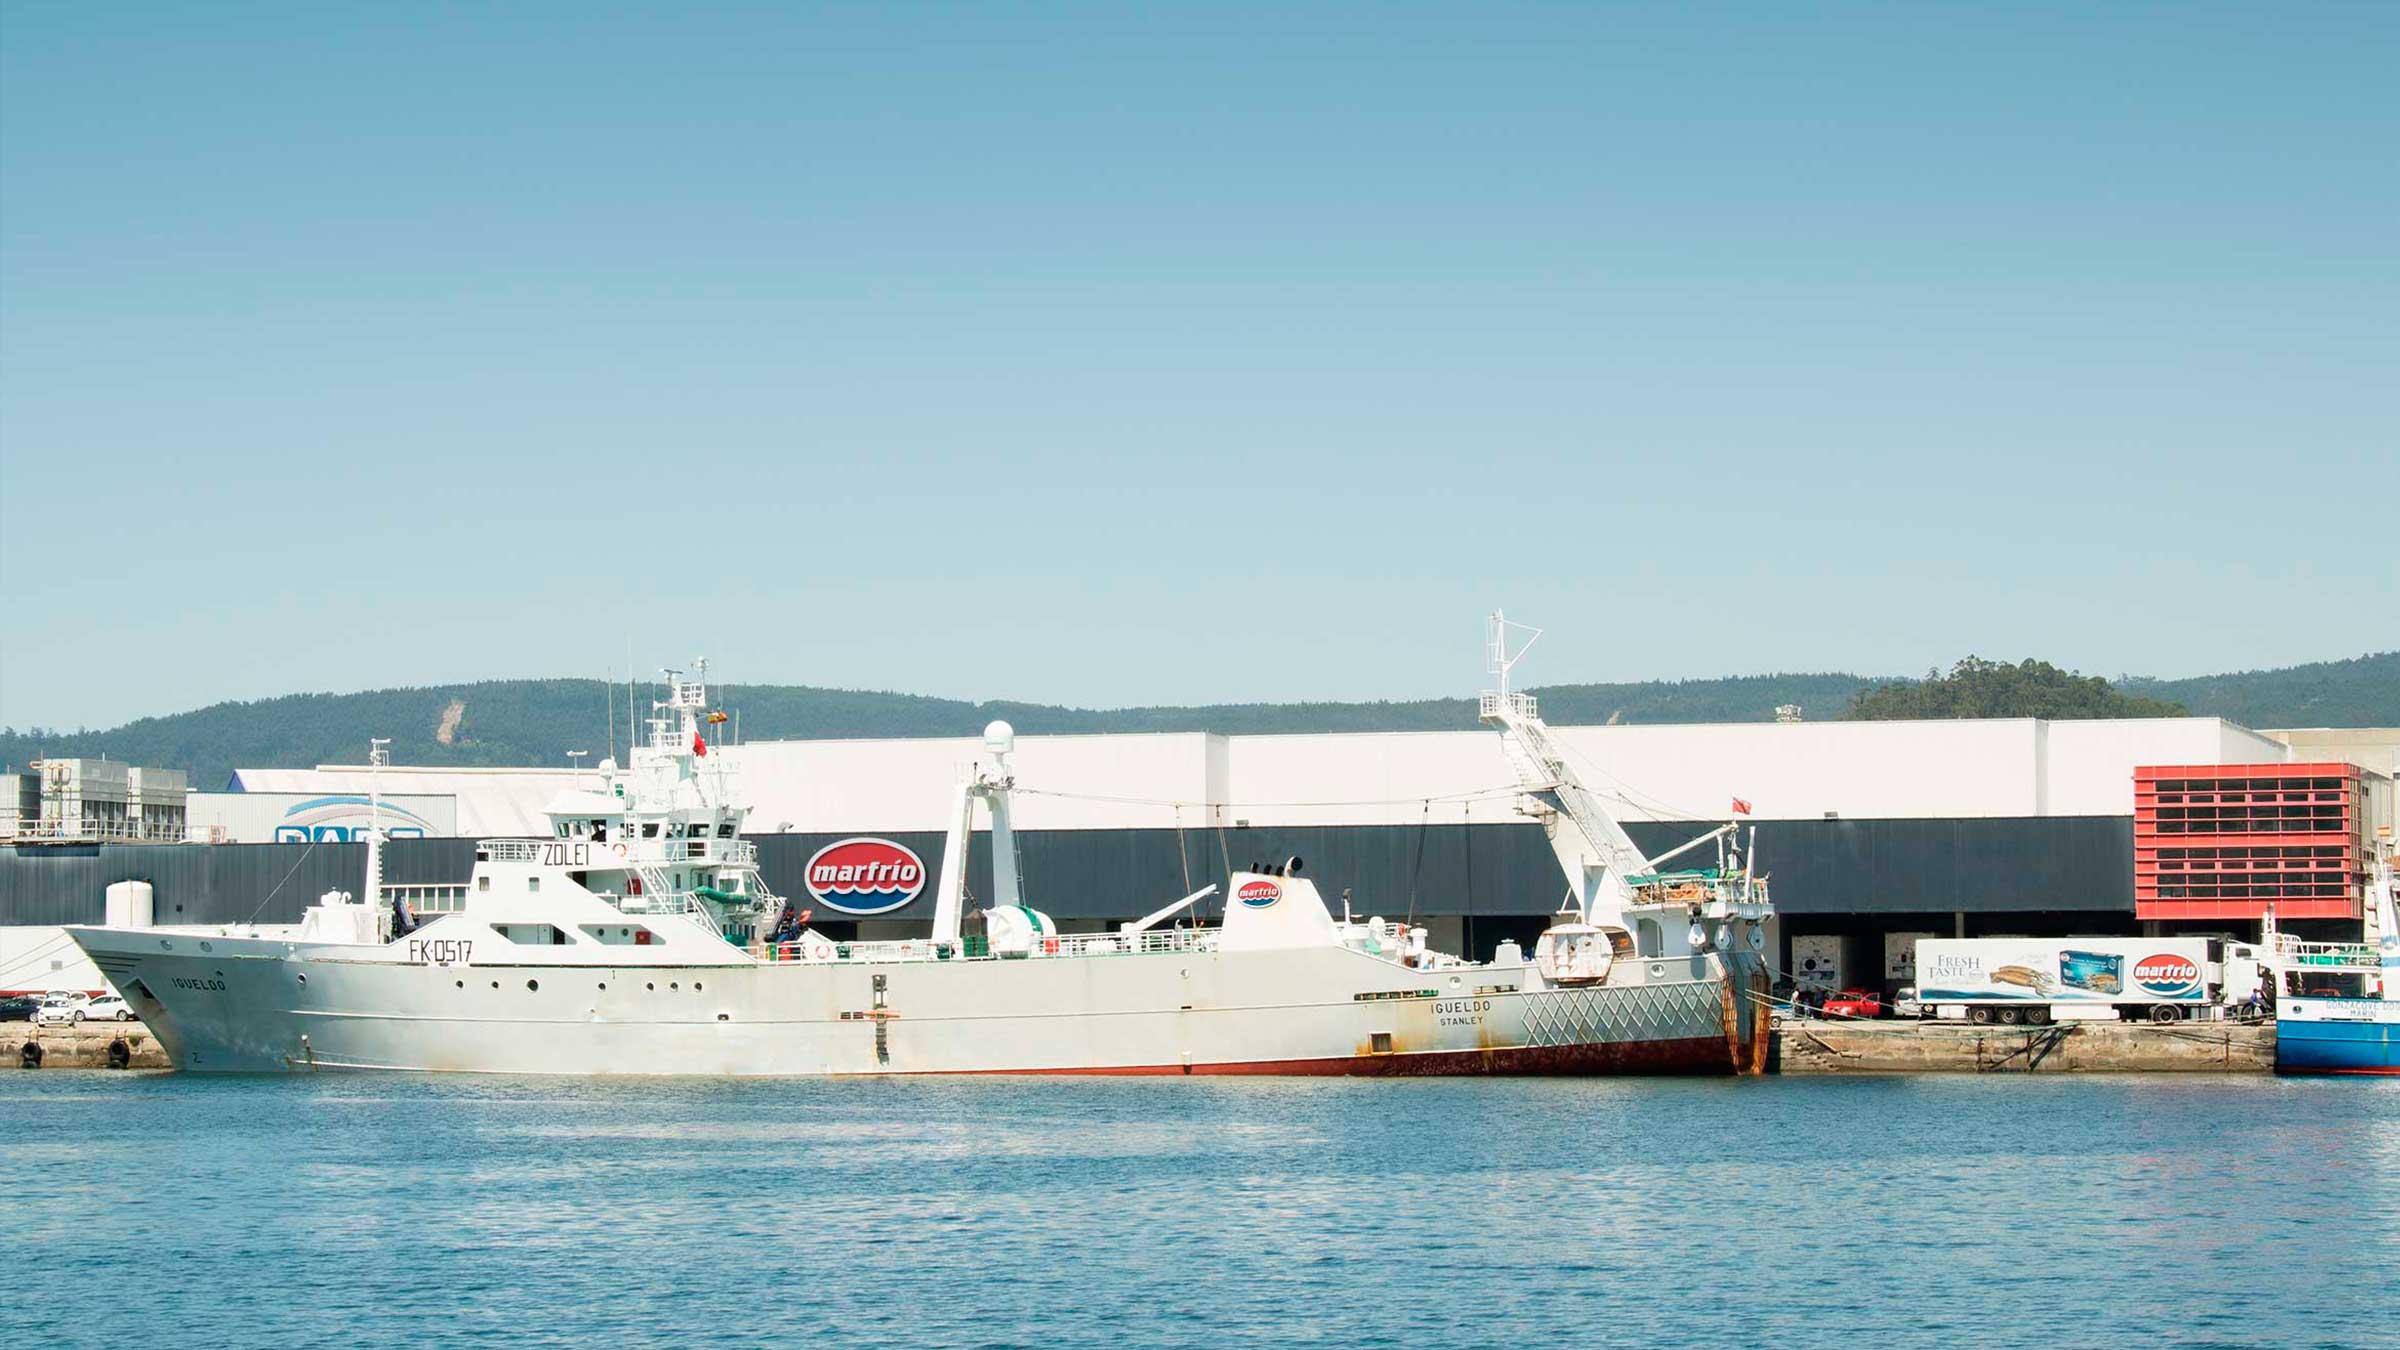 Buque Igueldo descargando Calamar patagónico en Marfrio, en el Puerto de Marín